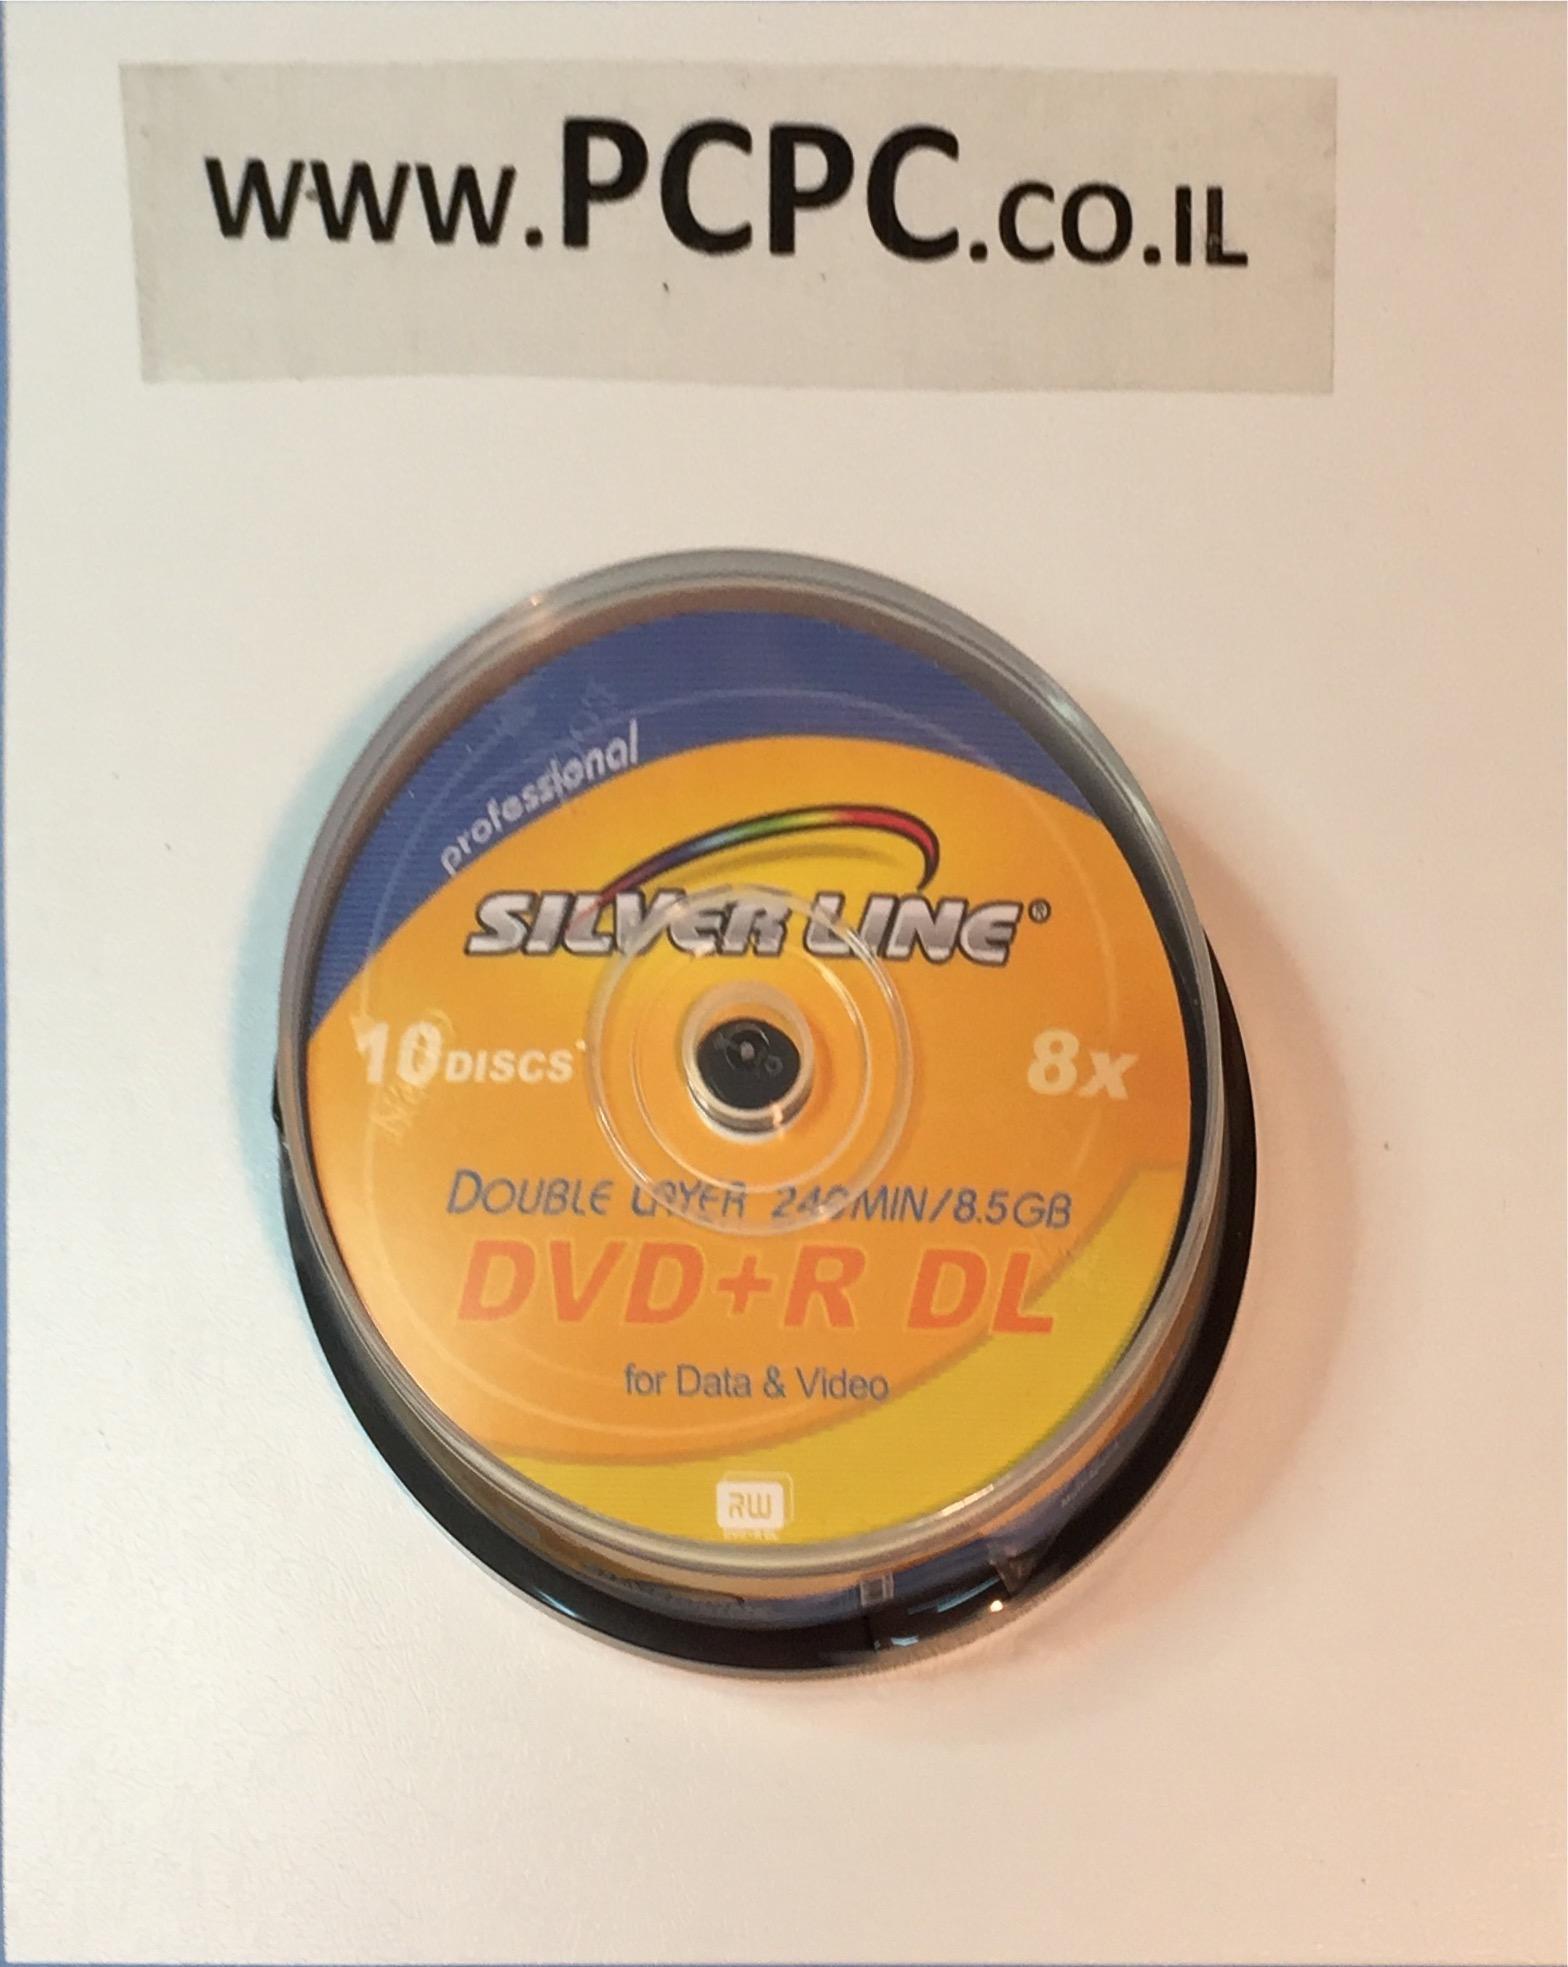 דיסק 8.5 גיגה DVD+R DL בקופסה 10 יחידות SILVER LINE